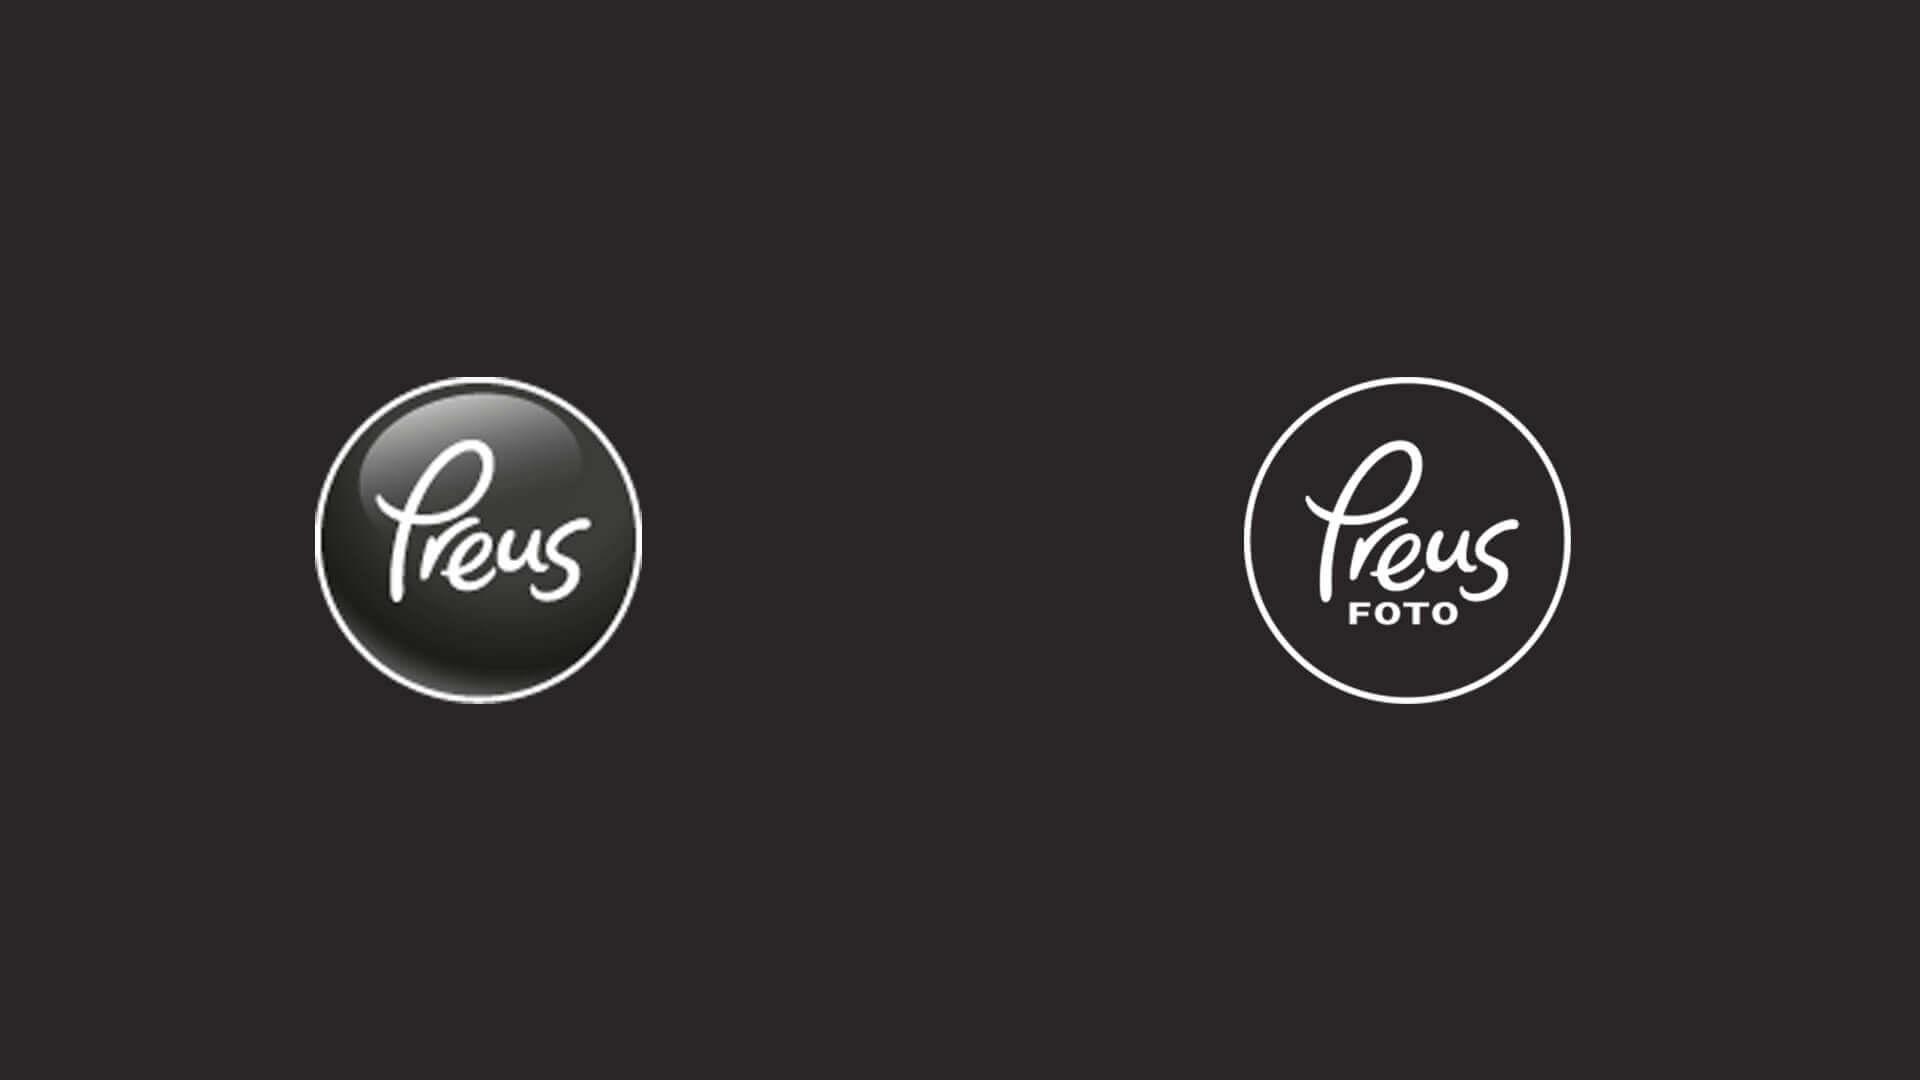 Antes à esquerda e depois à direita modernizando o design do logotipo.